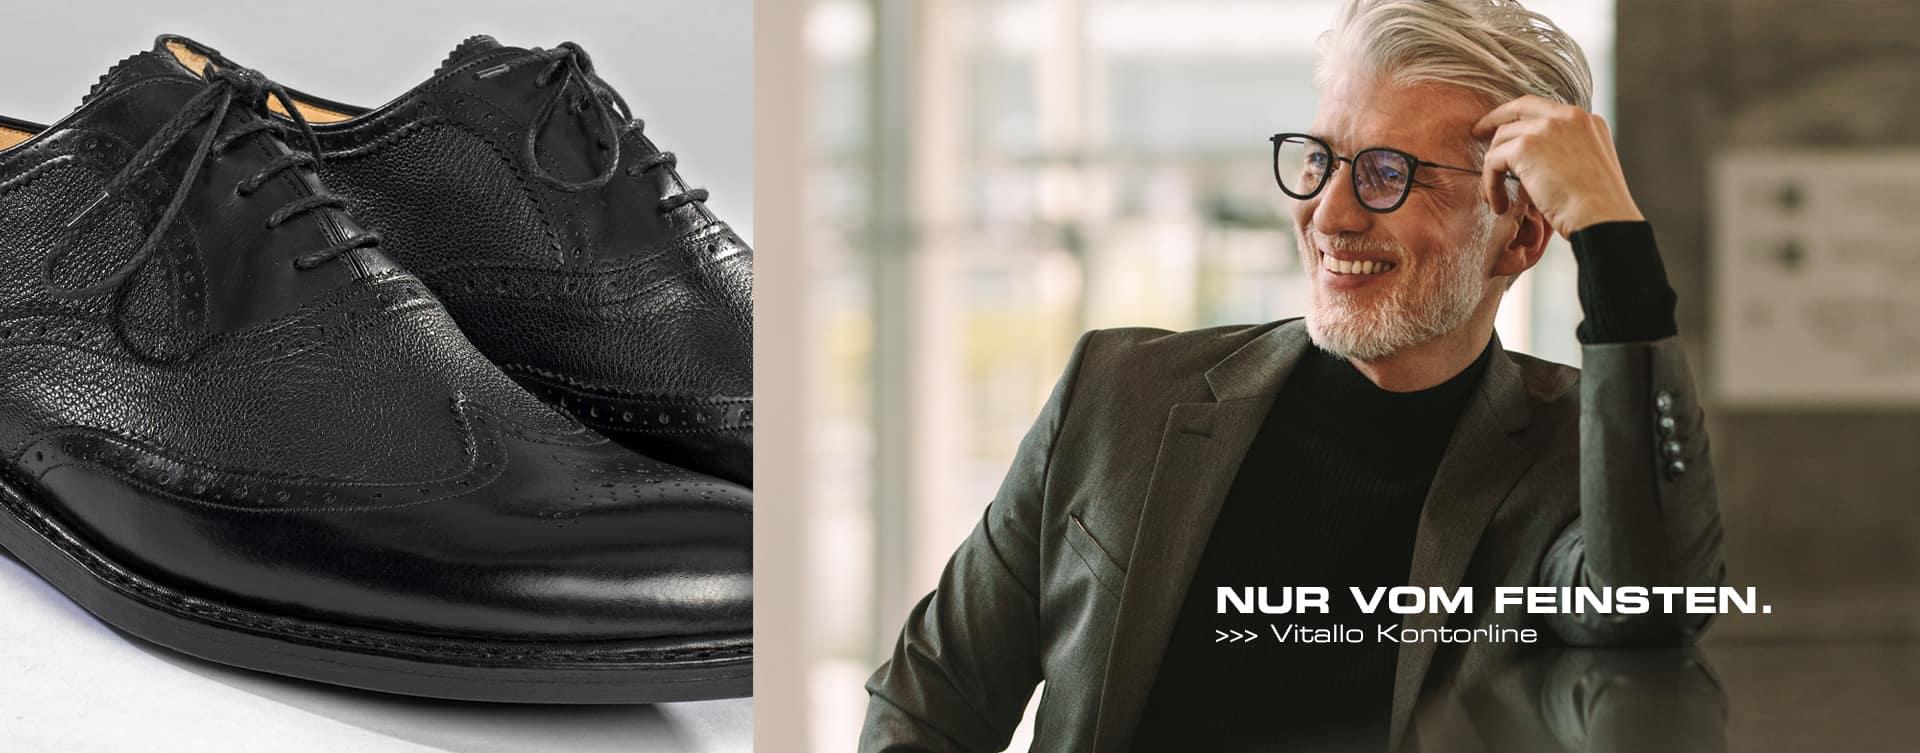 Die Erfahrung von mehr als 50 Jahren Schuhmacherei und drei Generationen ist in die Entwicklung unserer Kontorline geflossen. Dabei haben wir uns nicht nur Gedanken darüber gemacht, wie wir klassisches Design neu und einzigartig umsetzen können.